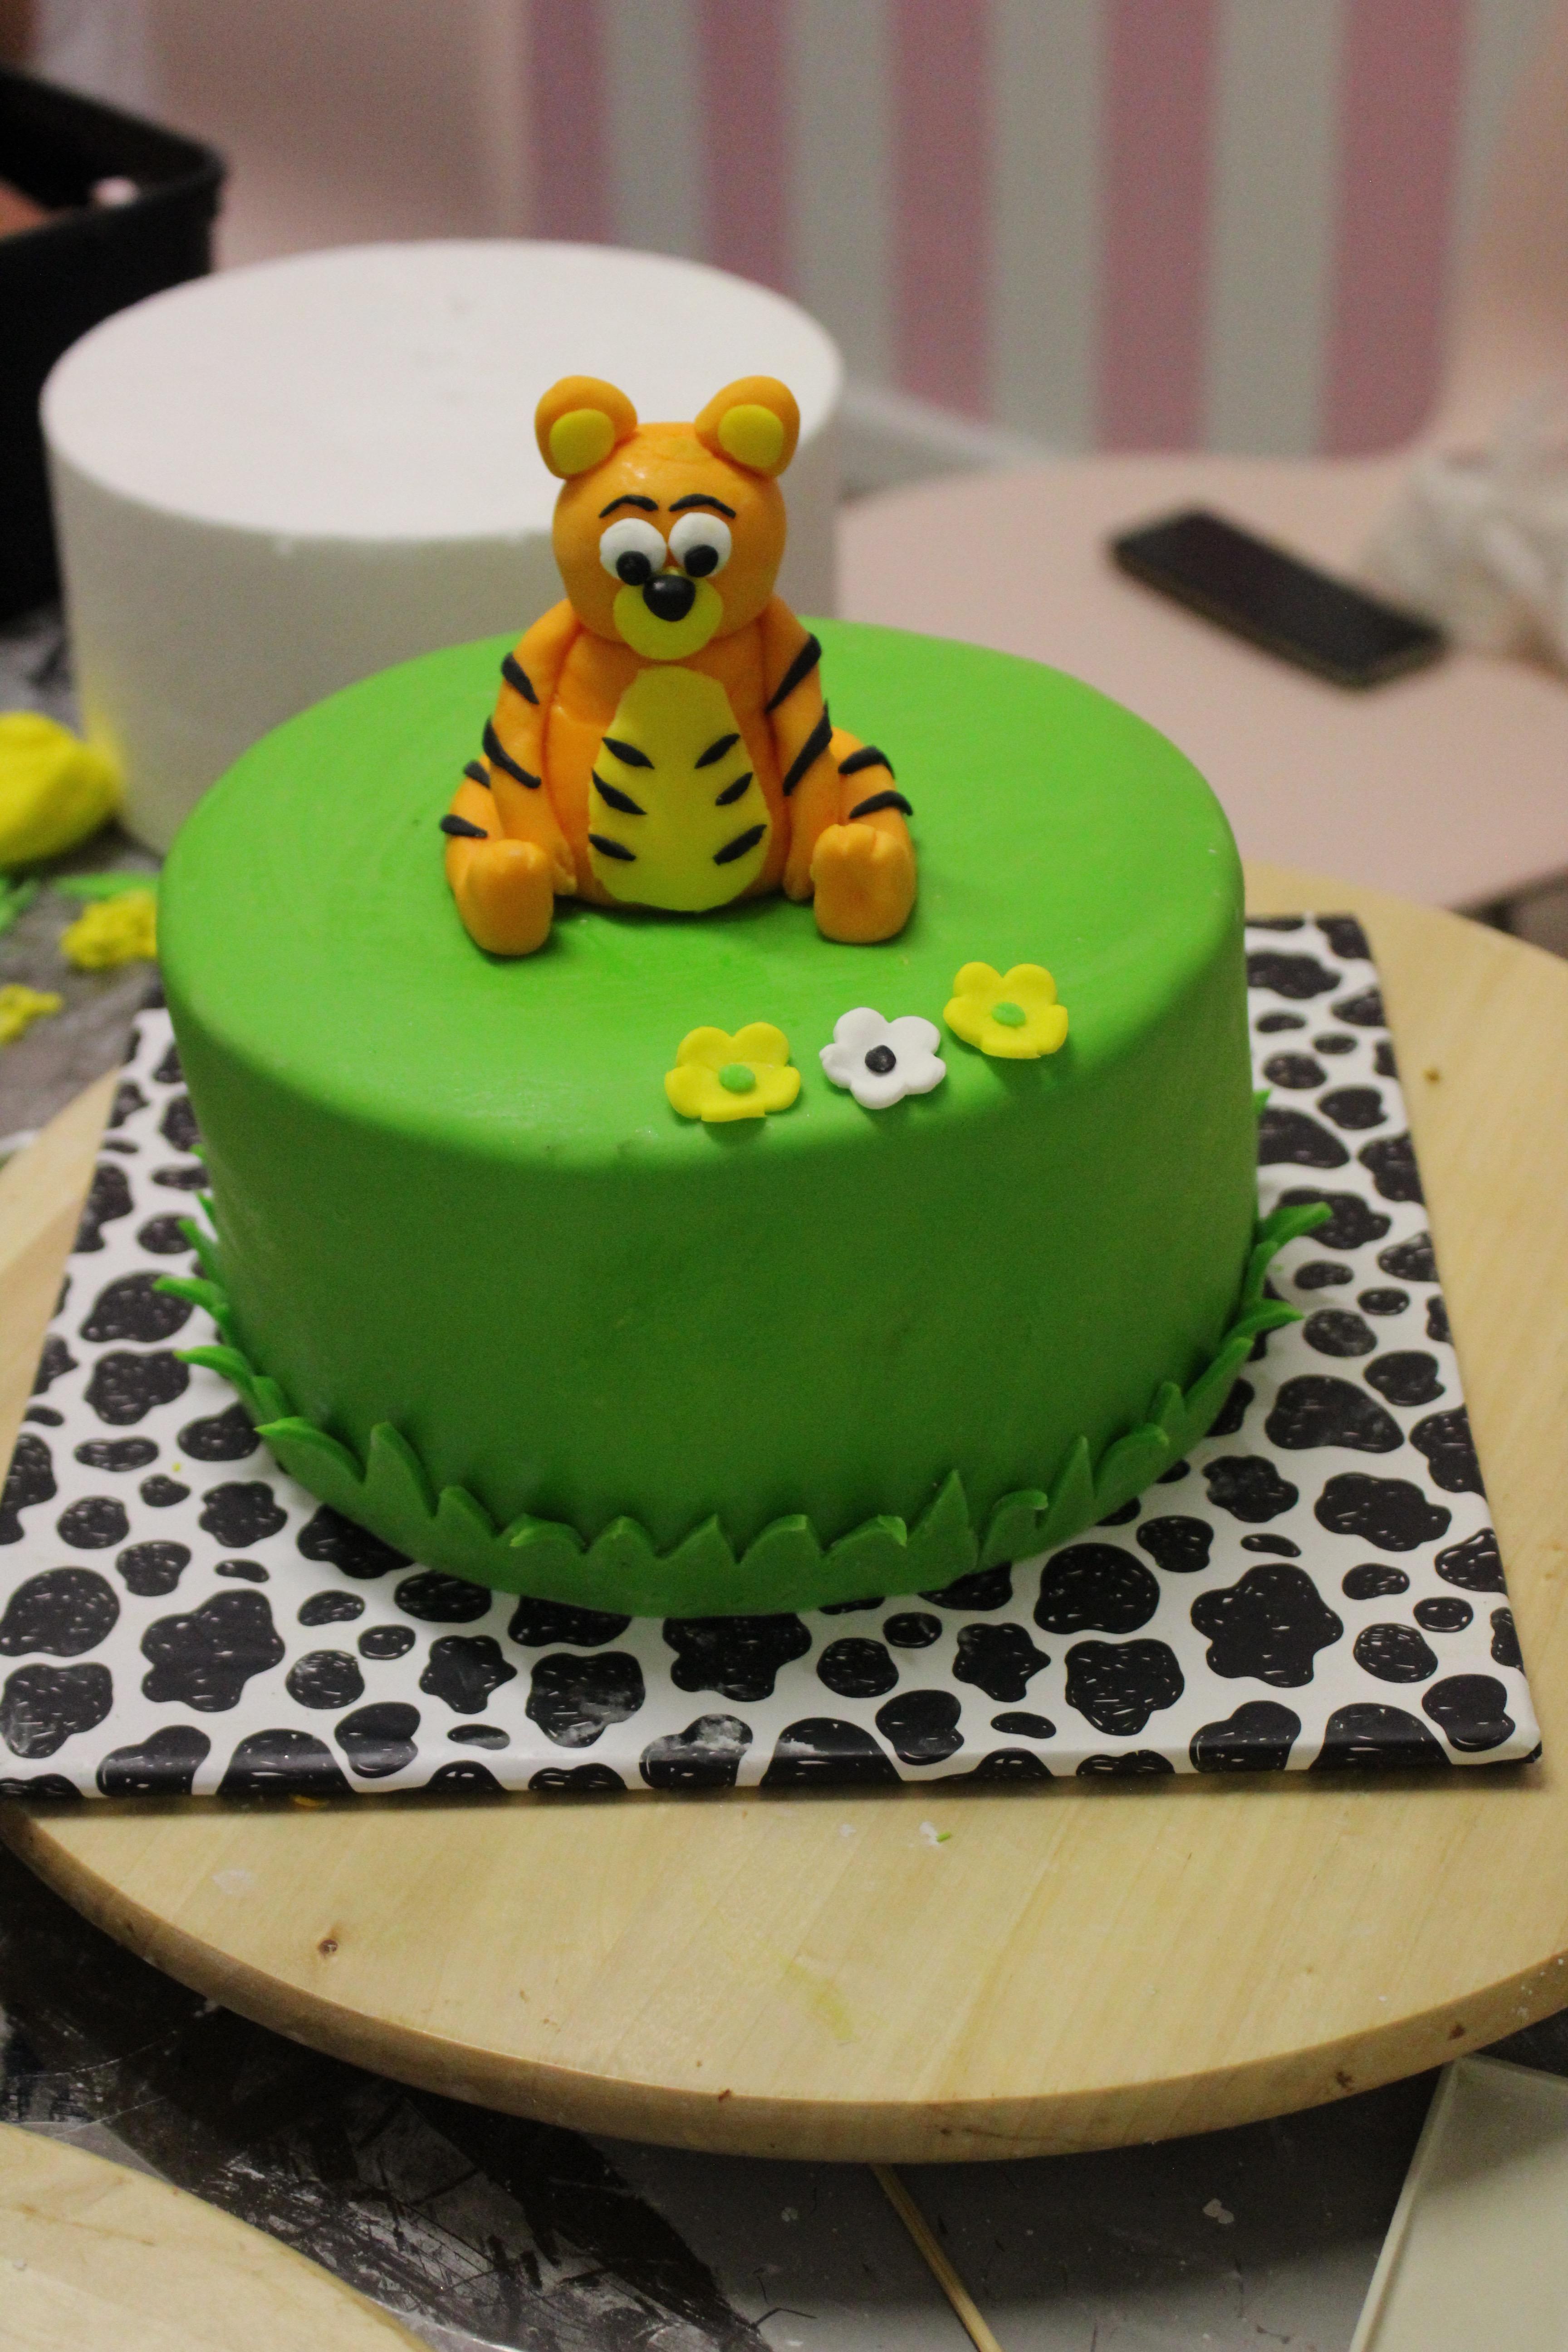 סדנה לעיצוב עוגות בראשון לציון